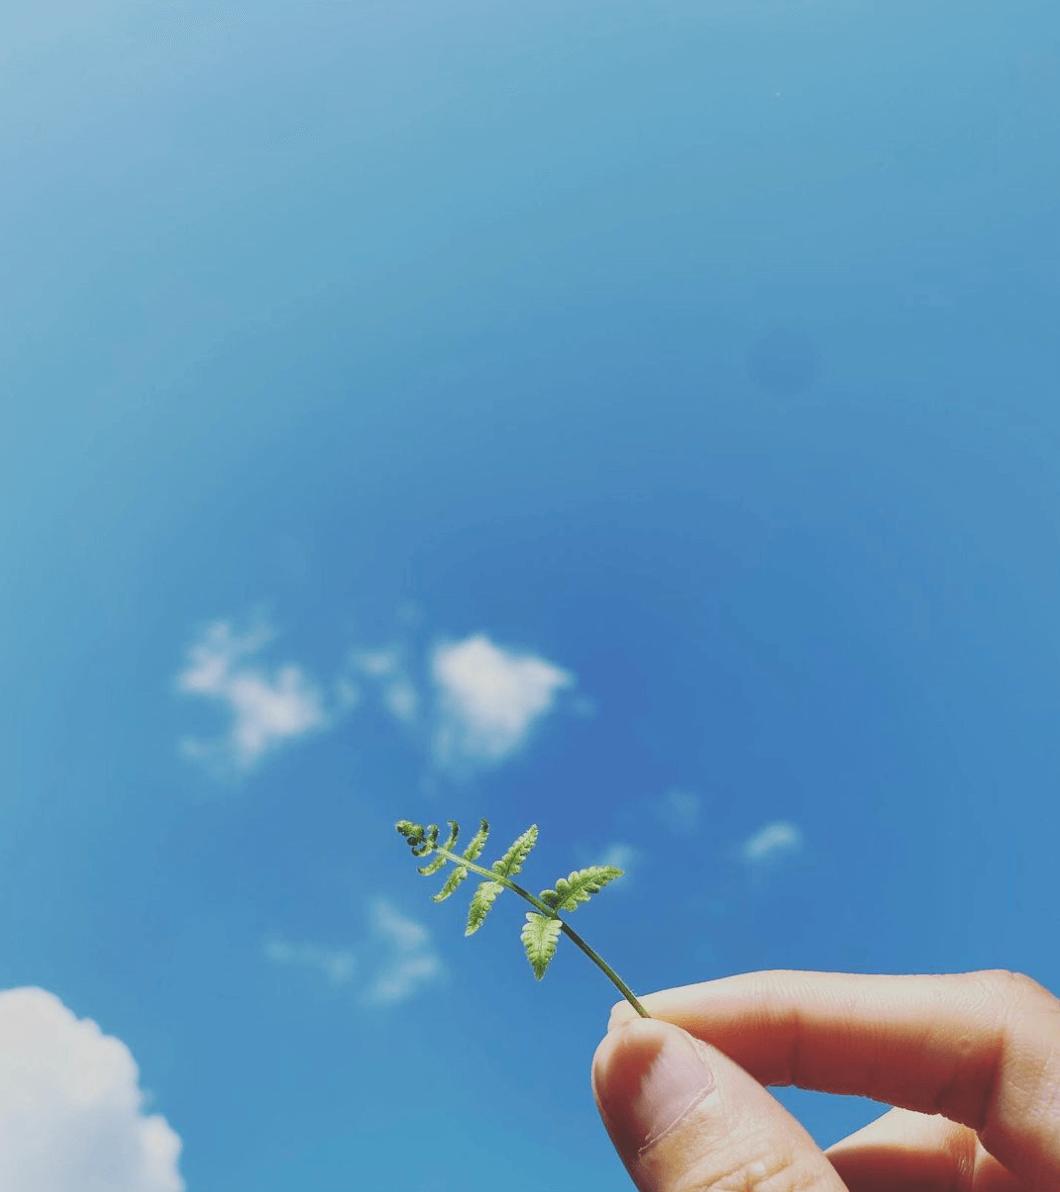 翠如早前貼出一張望往天空的照片,並留意講「再見」。